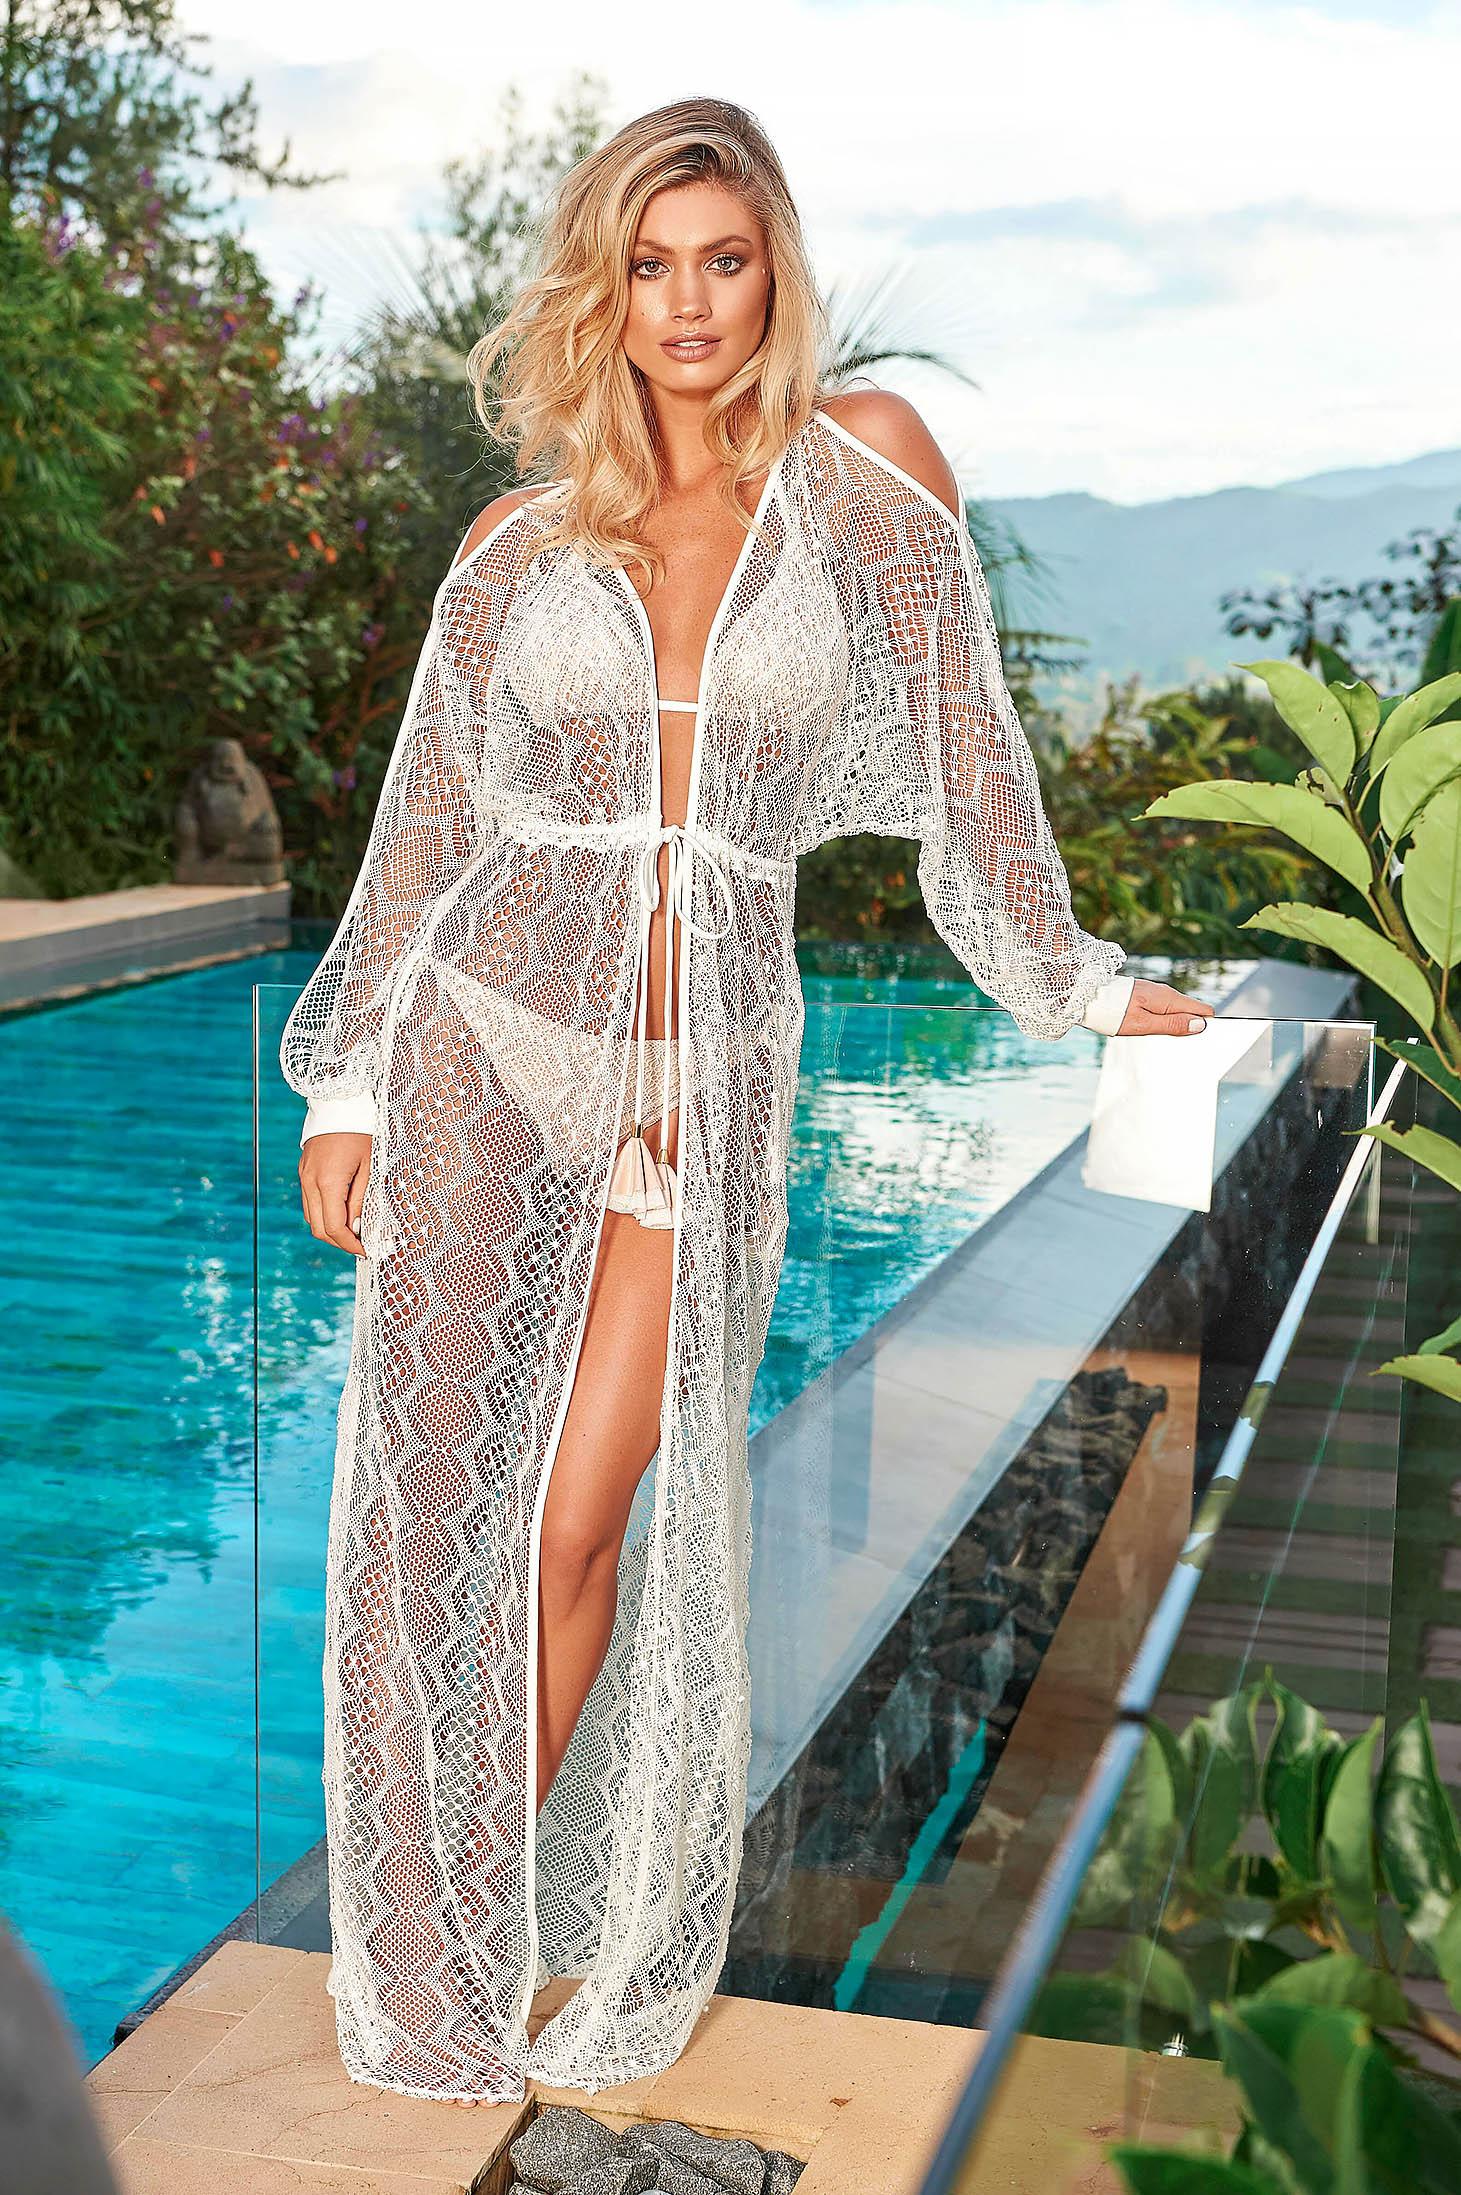 Fehér Cosita Linda strandi bő szabású ruha hosszú ujjak kivágott vállrésszel derékban zsinórral köthető meg